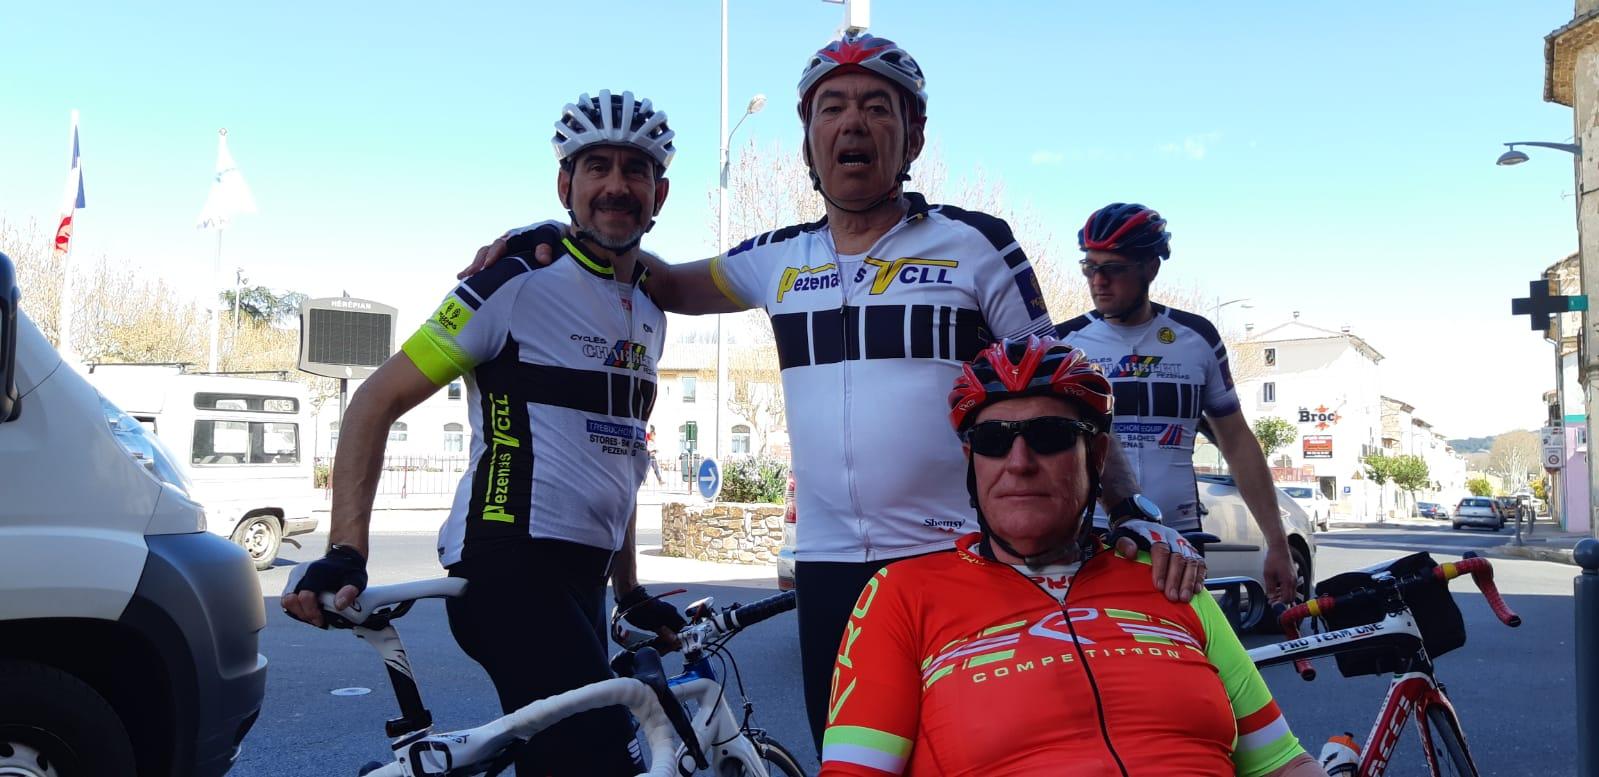 (22.03.2019) Brevet-Audax des 200 km.